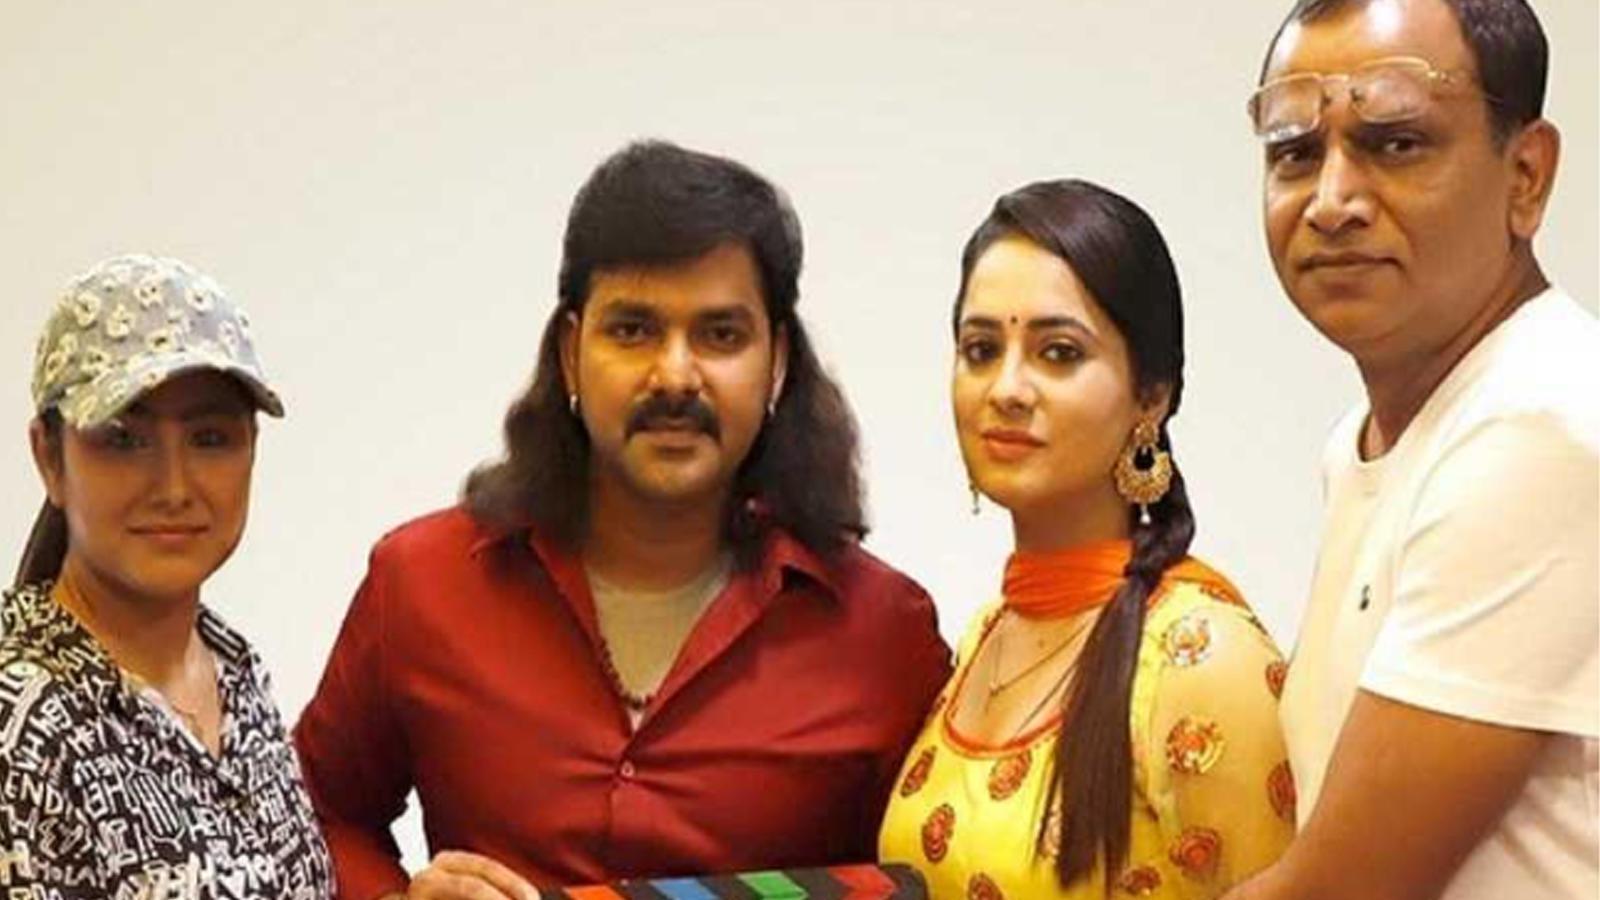 bhojpuri-actor-pawan-singhs-pawan-putra-look-goes-viral